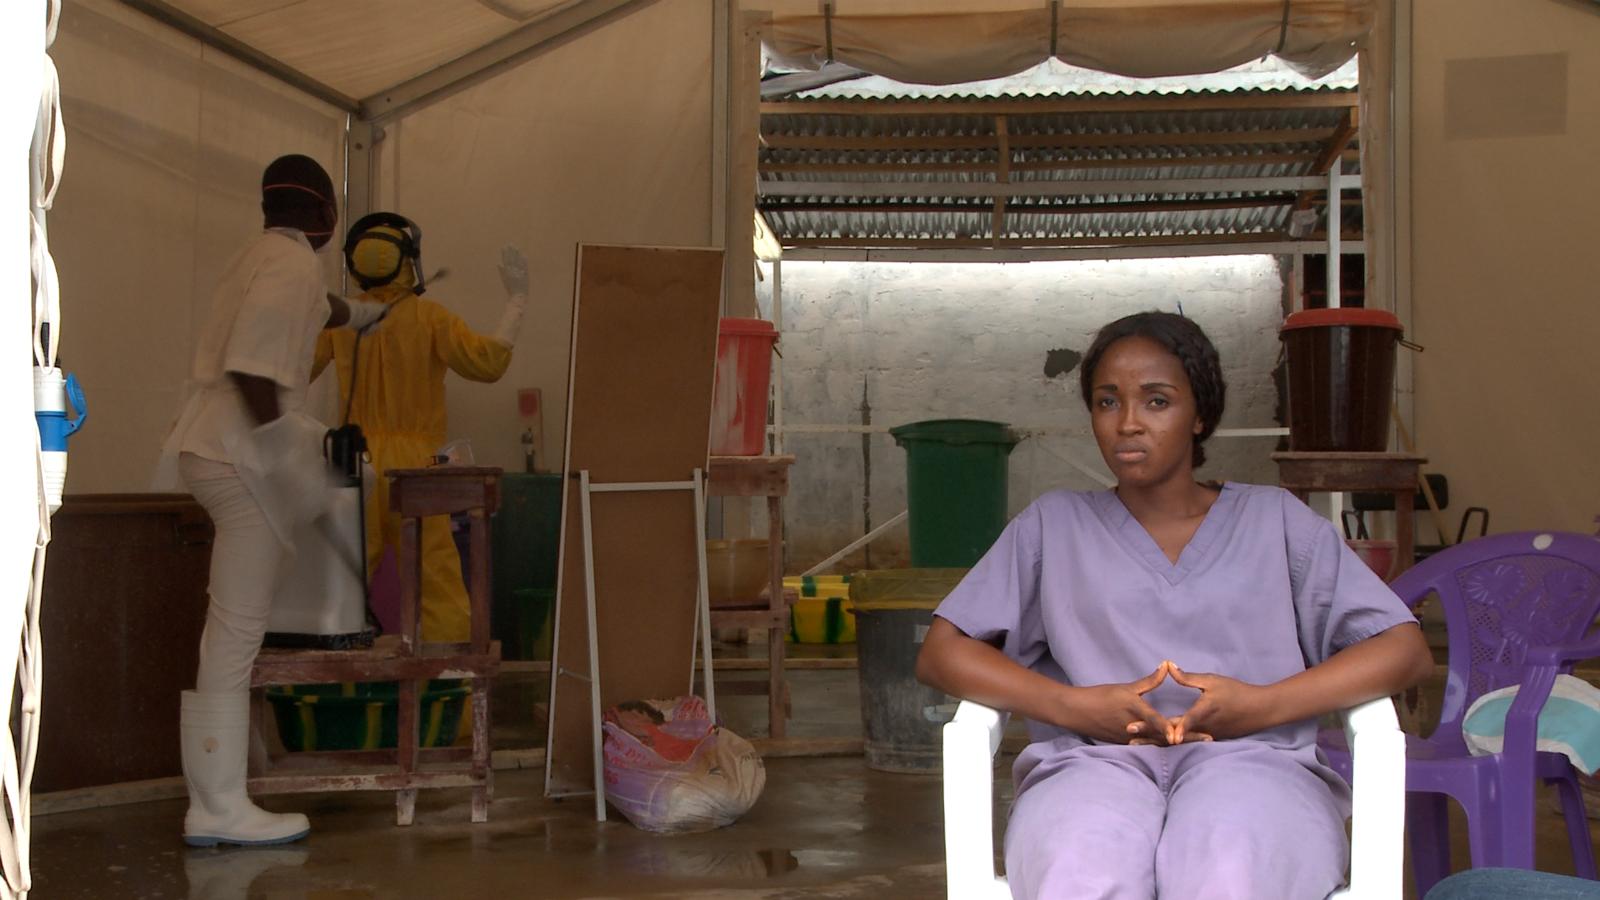 《幸存者》剧照,右一为护士玛格丽特·西塞